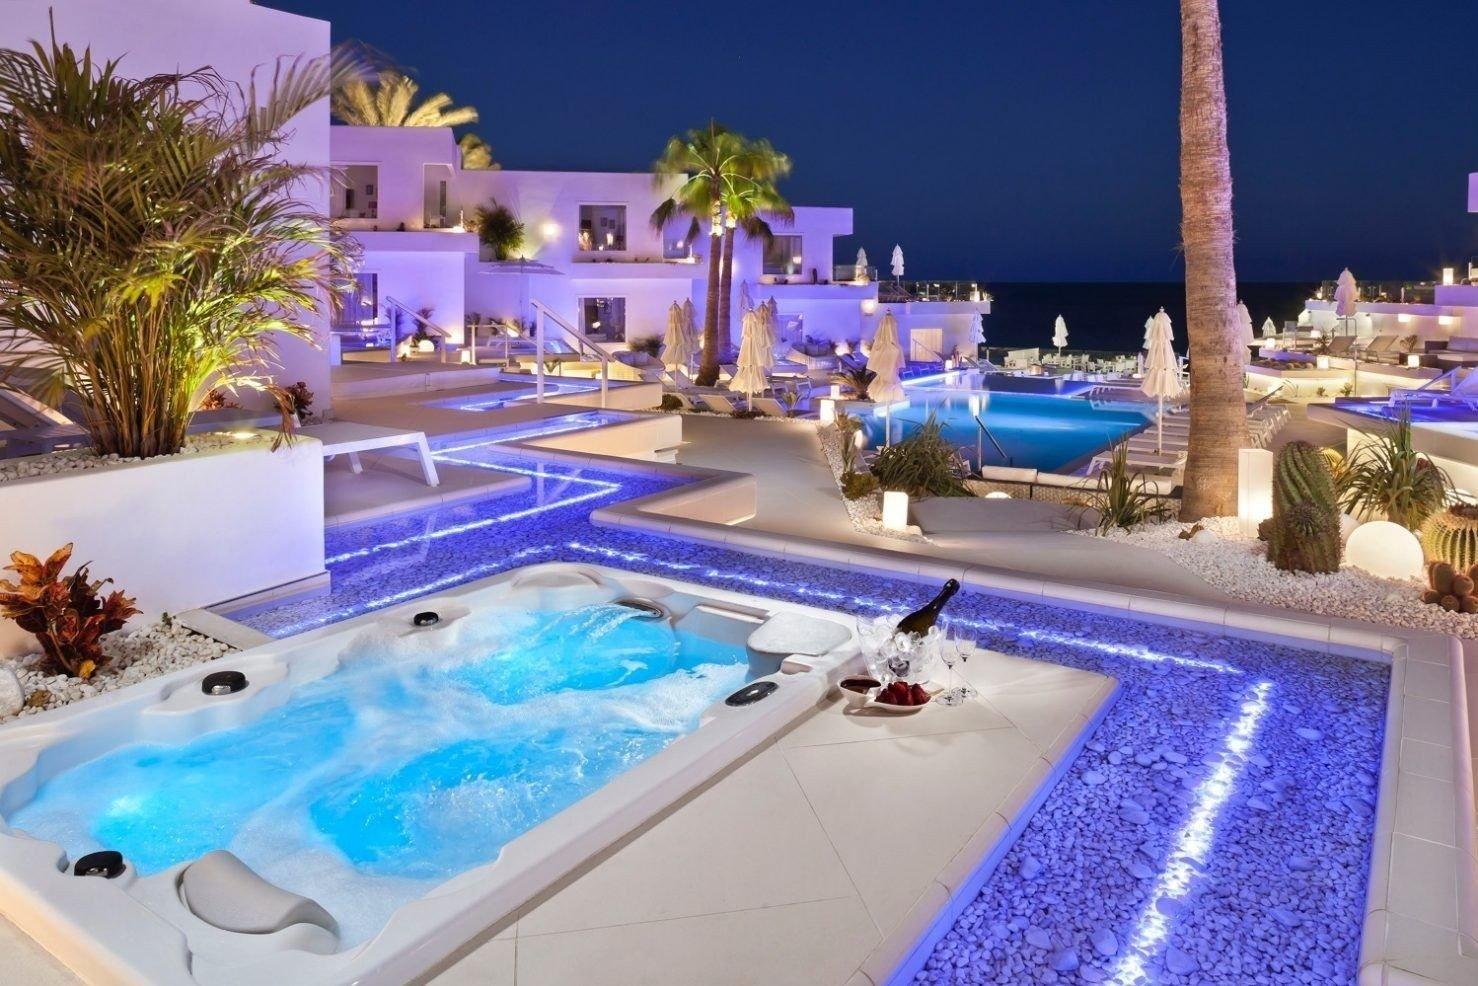 Luksushotell Spania